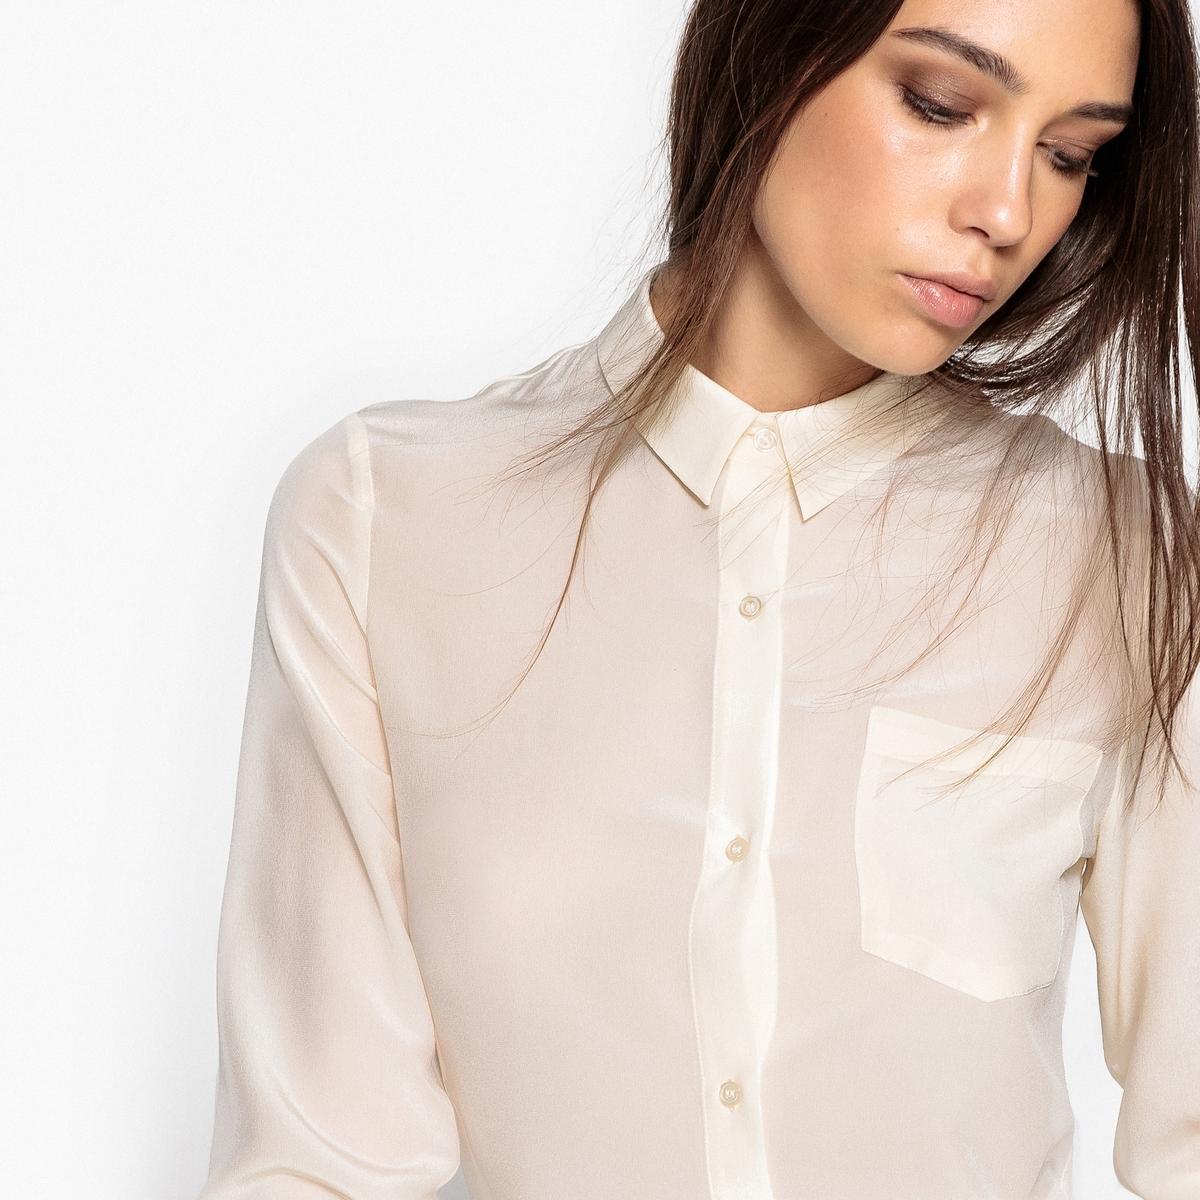 Koszula jedwabna z kieszonką na piersi